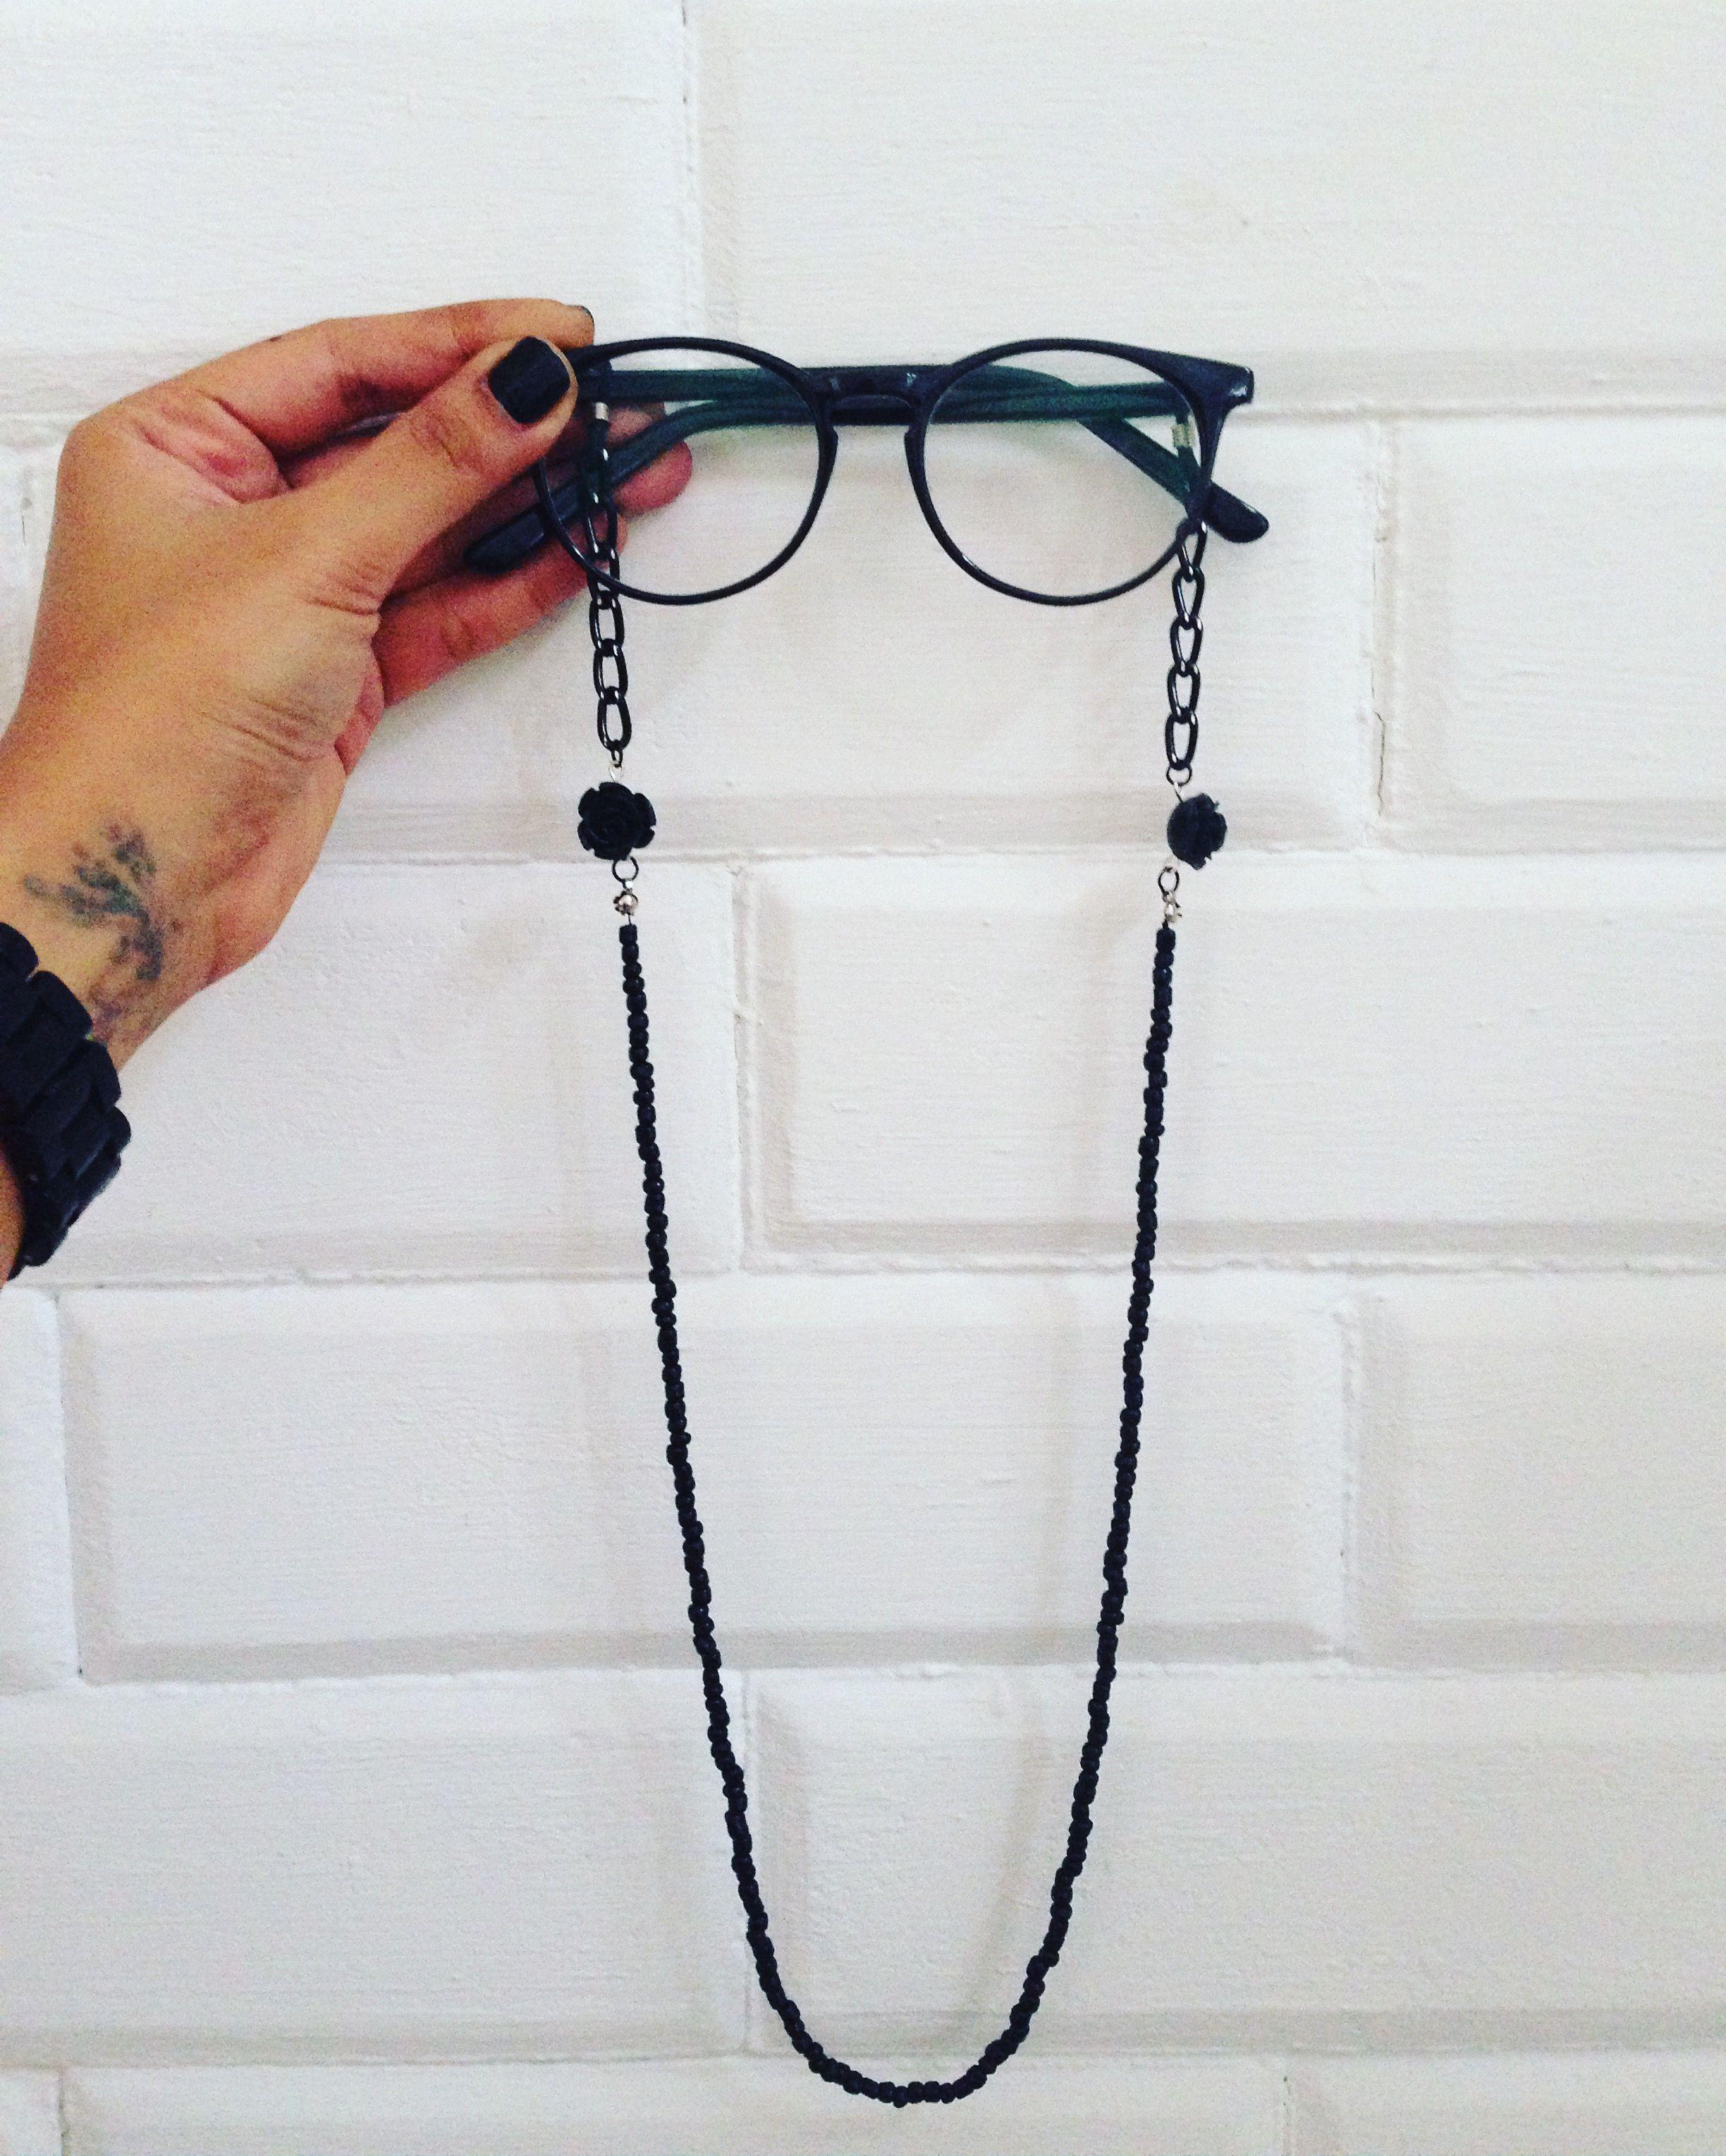 343cd021884d6 Cordão para óculos  cordinha de óculos   Moda   Estilo   Pinterest ...